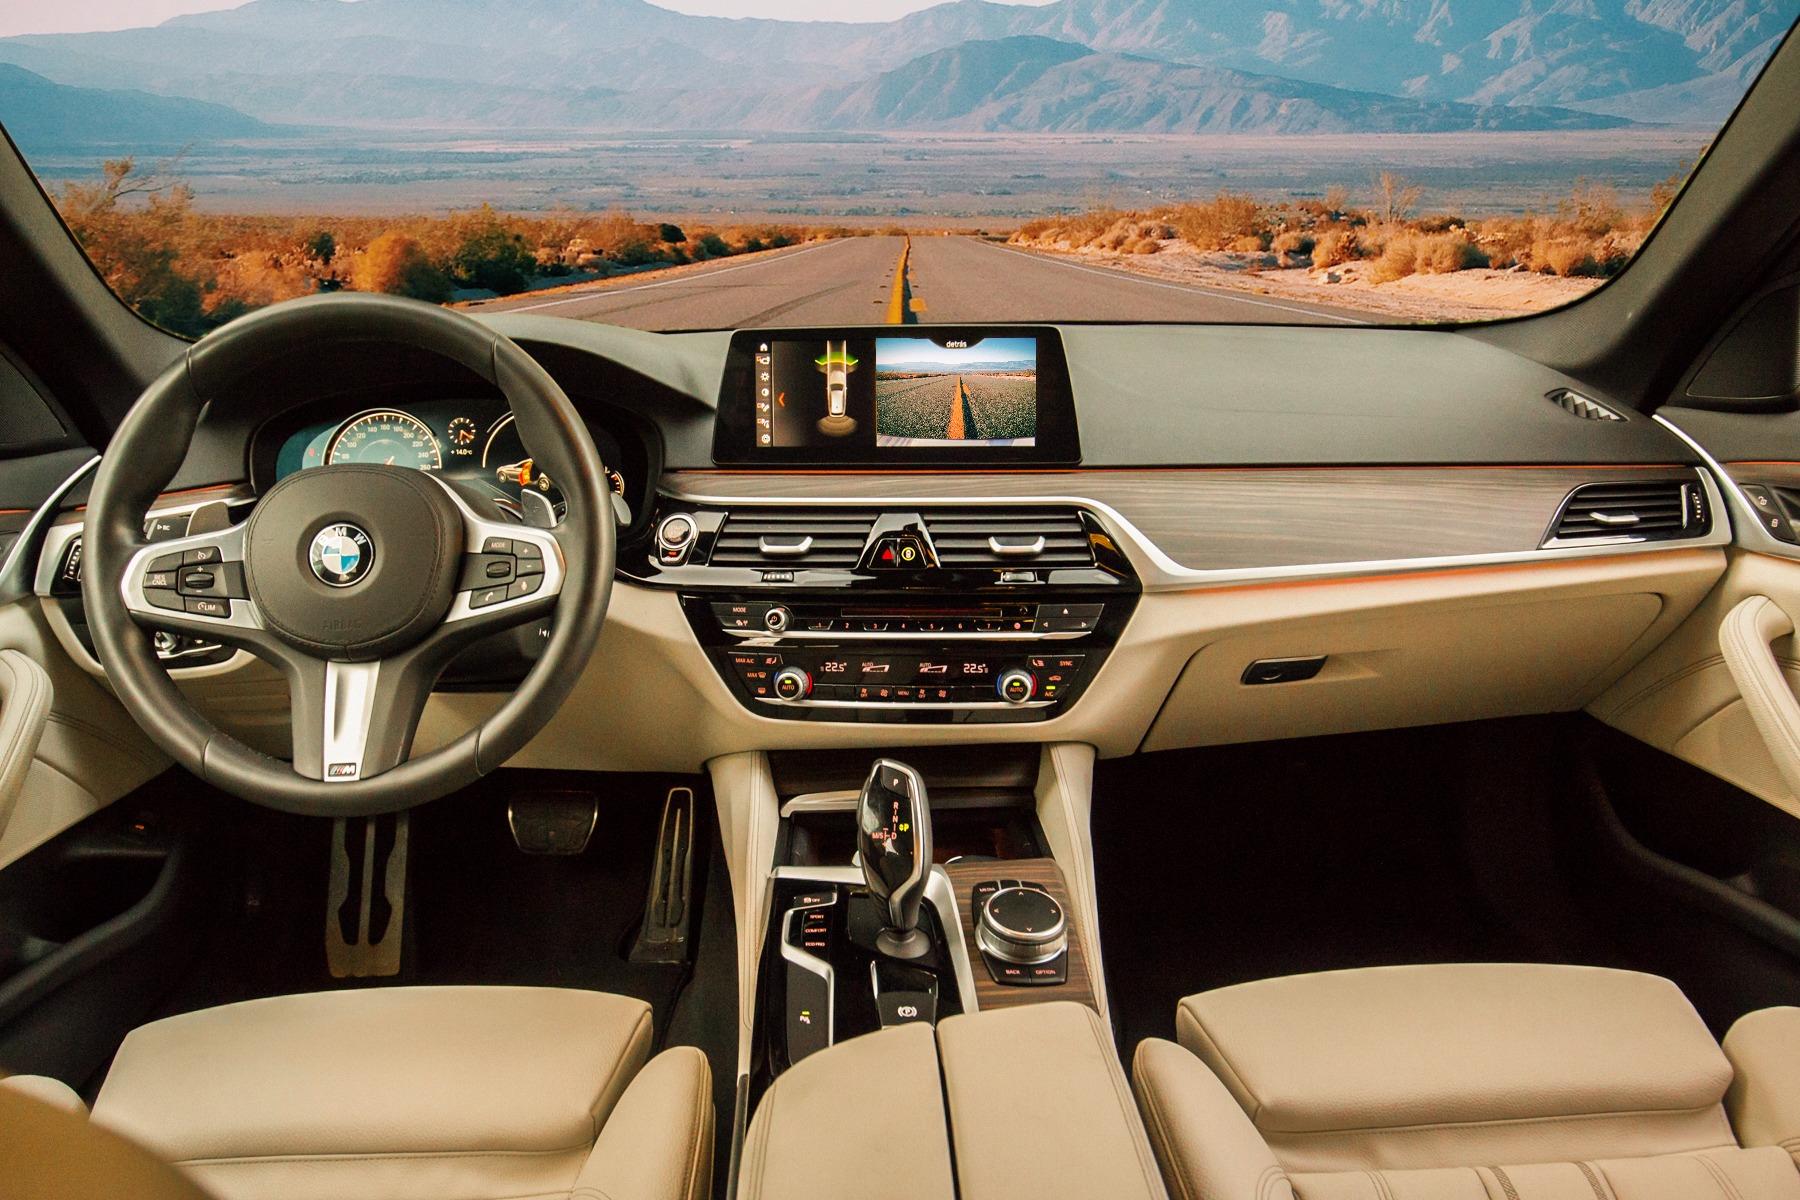 Conducir con la ayuda de la tecnología